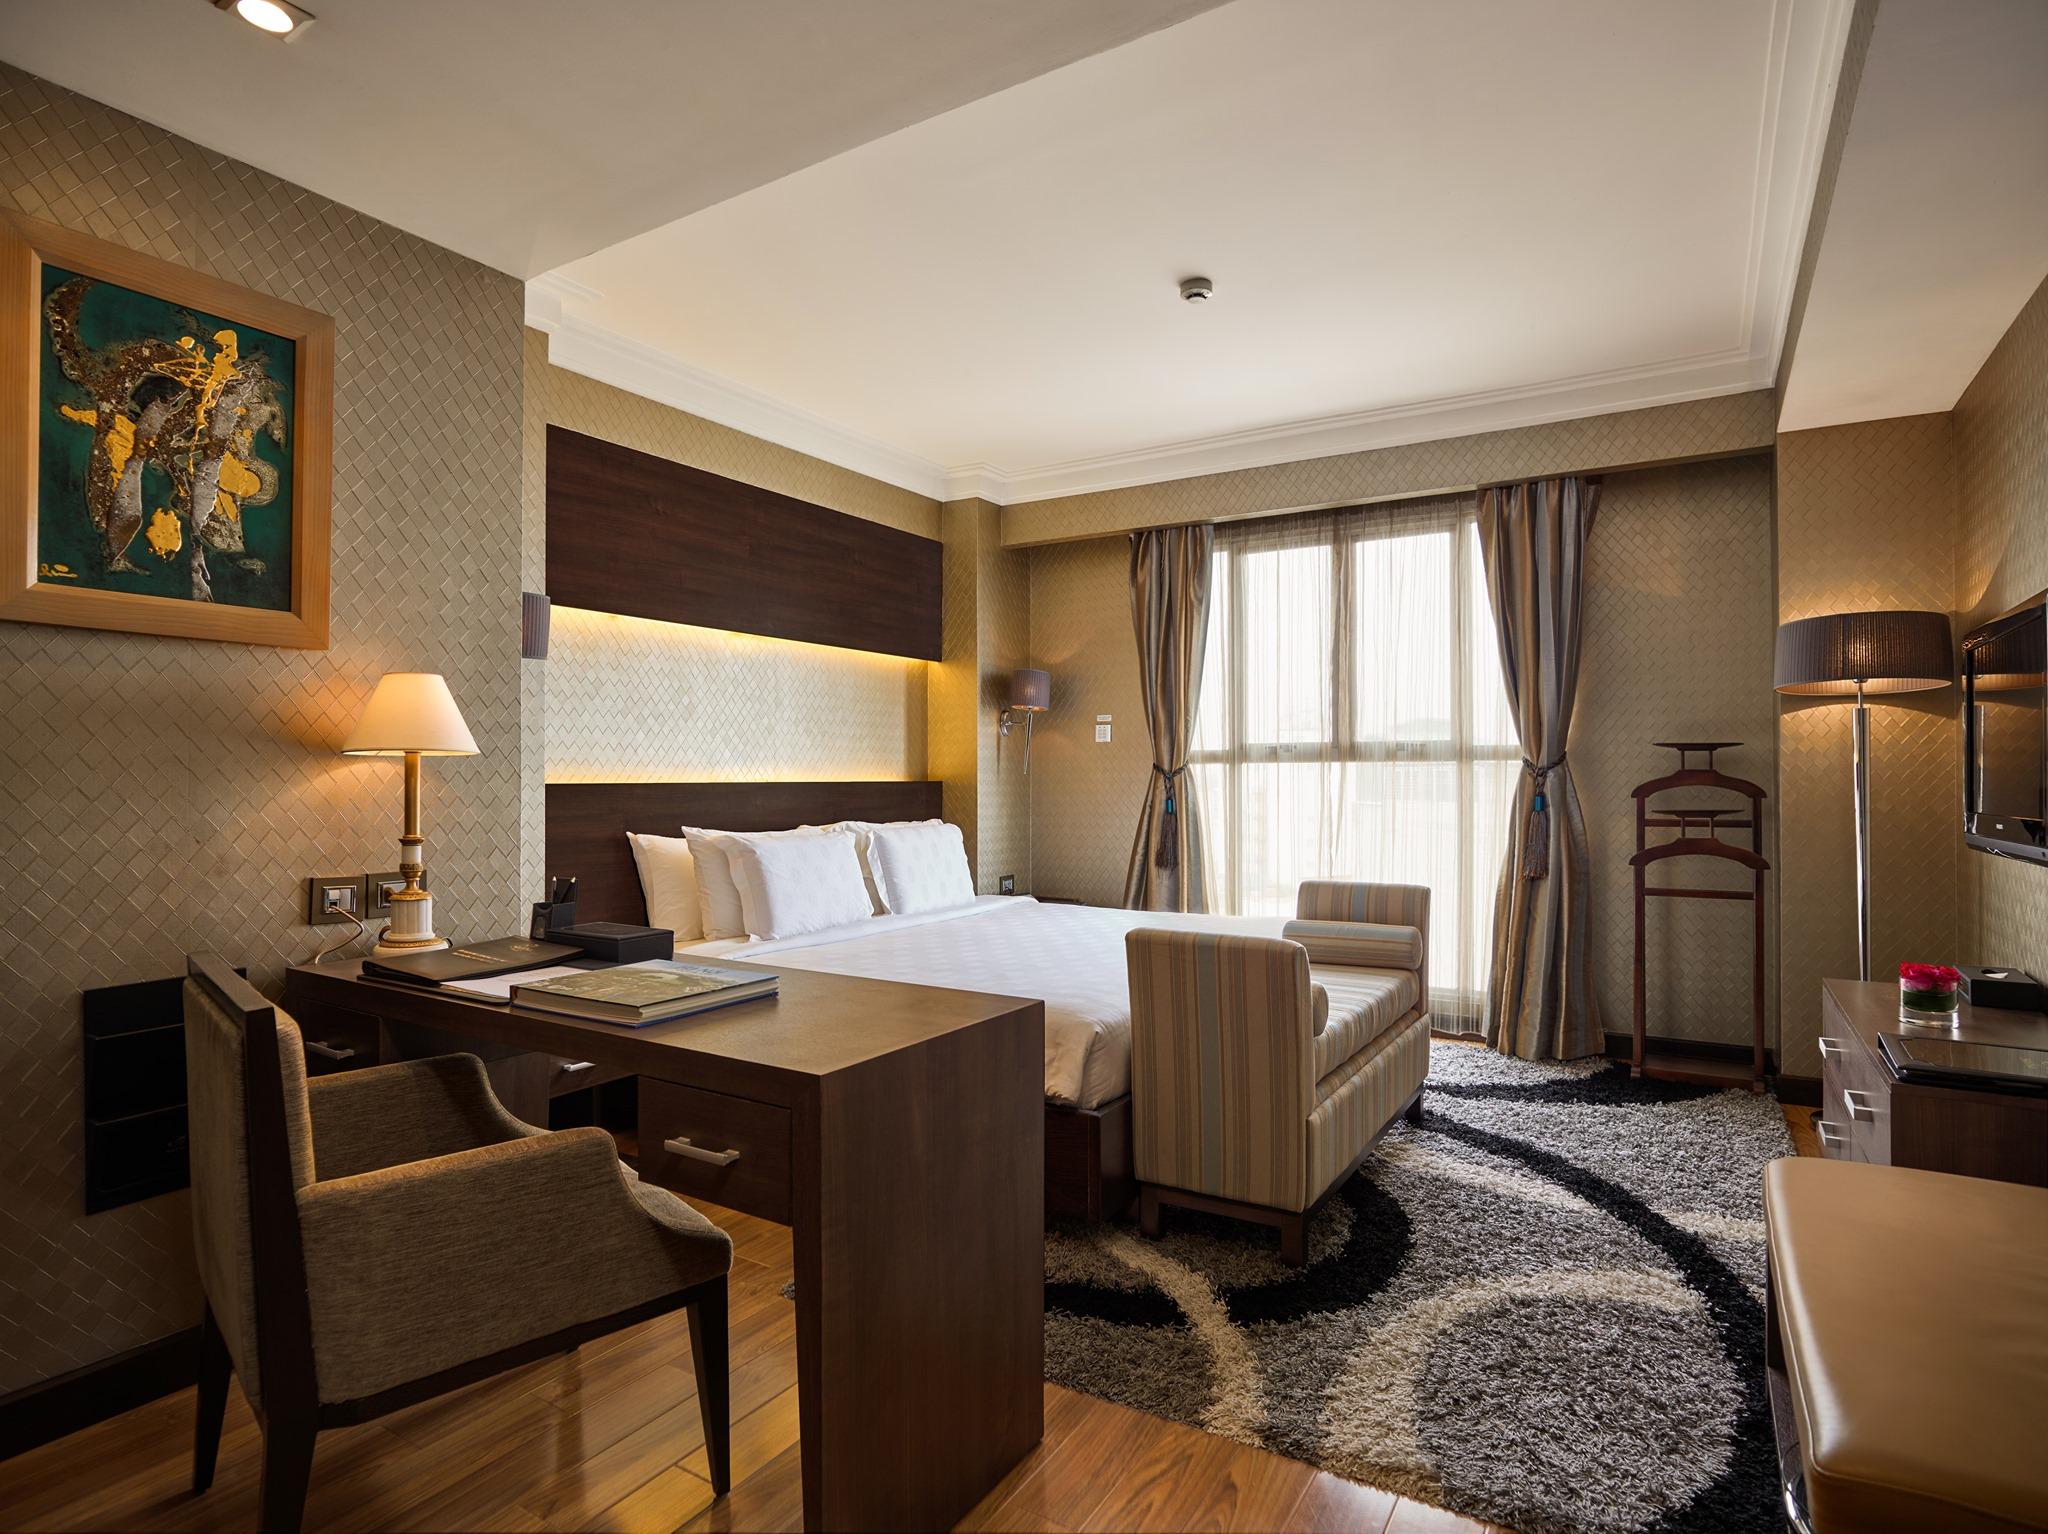 Danh sách những khách sạn Hà Nội cách ly có thu phí bạn có thể lựa chọn